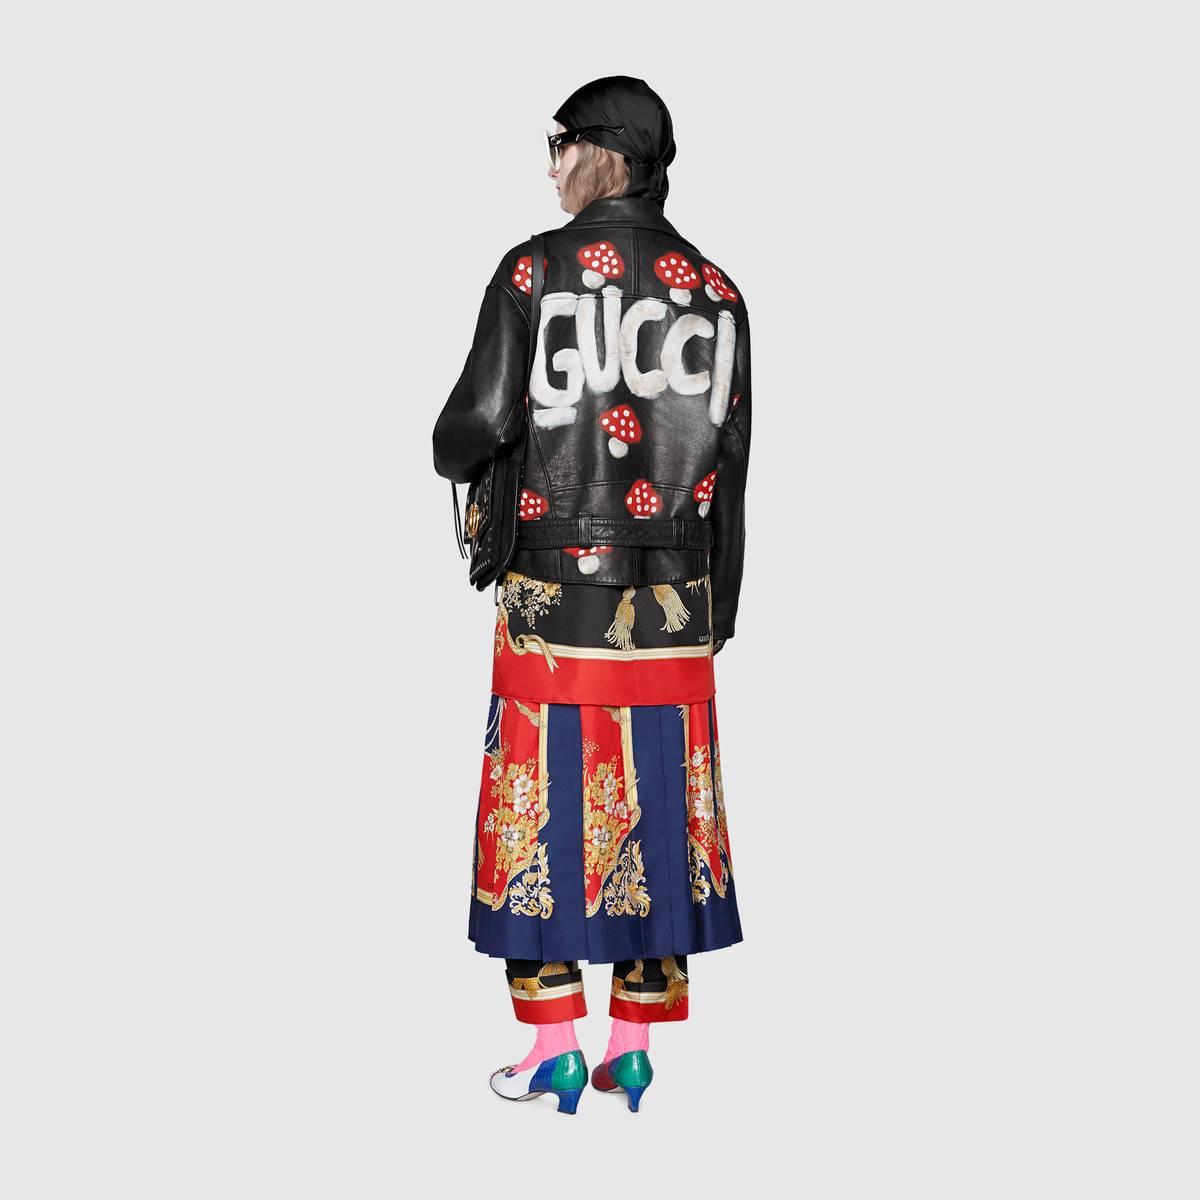 Phía sau chiếc áo có in những họa tiết cây nấm và dòng chữ Gucci.